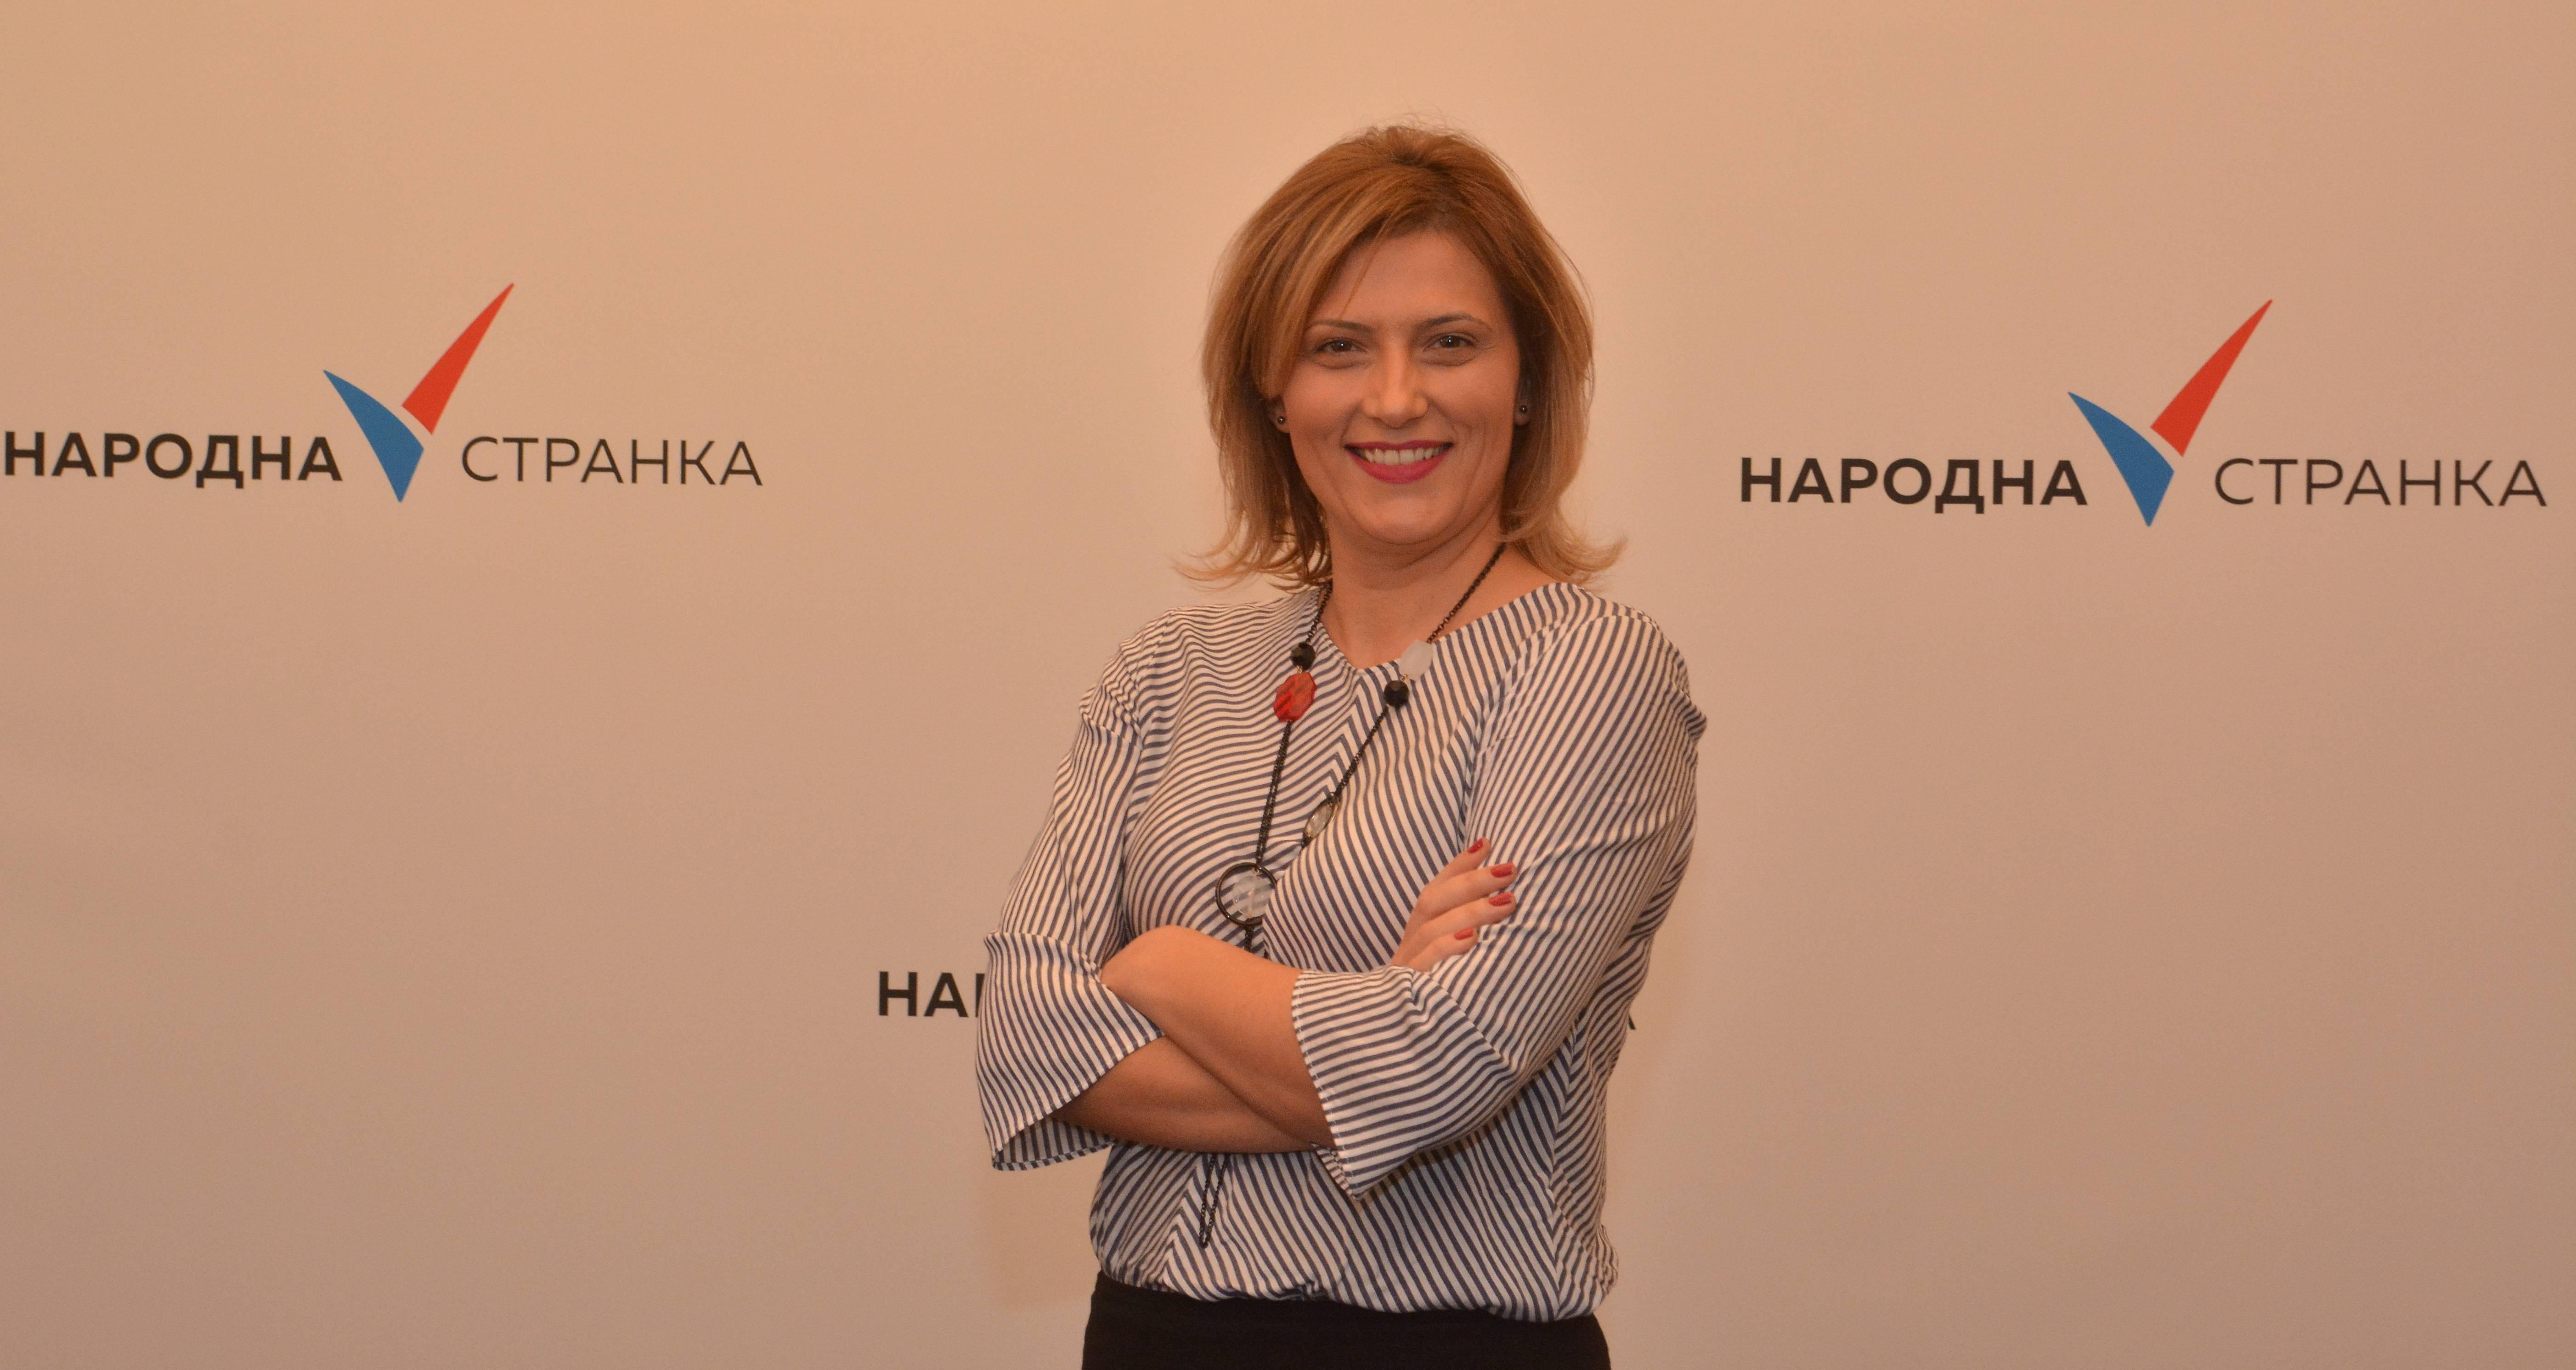 Марина Липовац Танасковић: Саобраћај у Београду